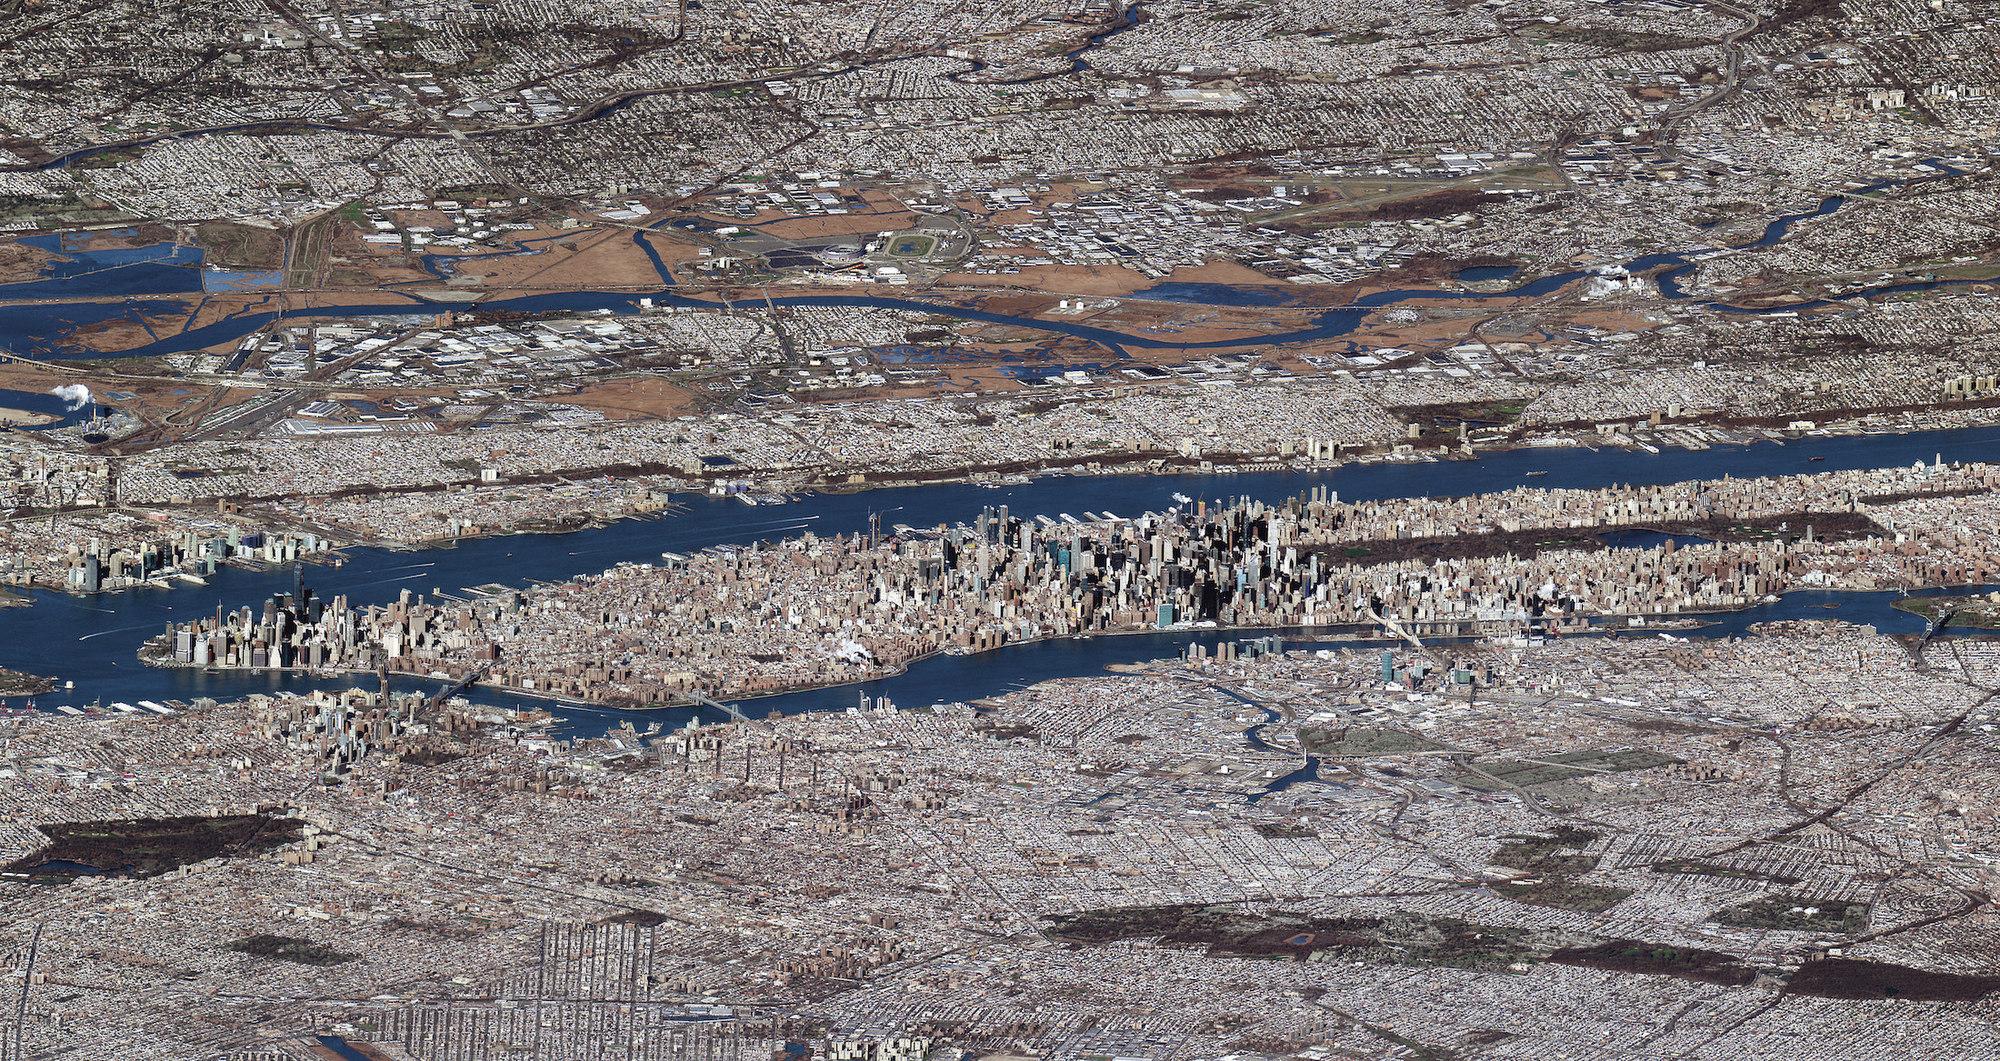 Galeria de Como impactamos o planeta? Transformações na Terra pela ação  humana vistas de cima - 12